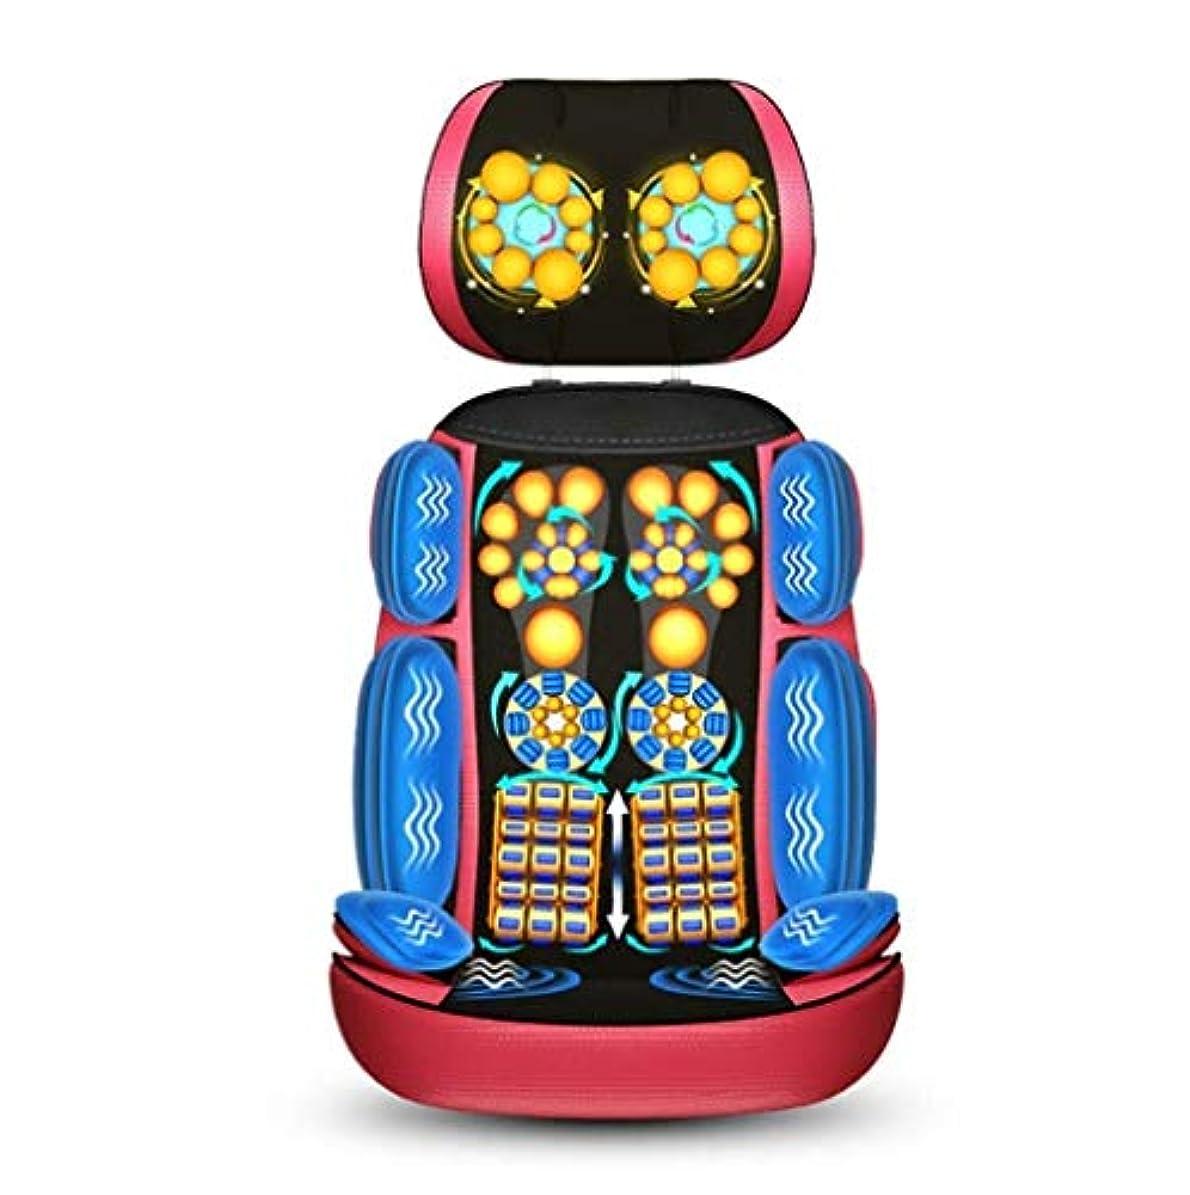 マッサージクッション、電動全身マッサージクッションチェア、多機能振動マッサージャー、首の後ろ足と足のマッサージ、ホームオフィスの運転に適しています (Color : Rosered)